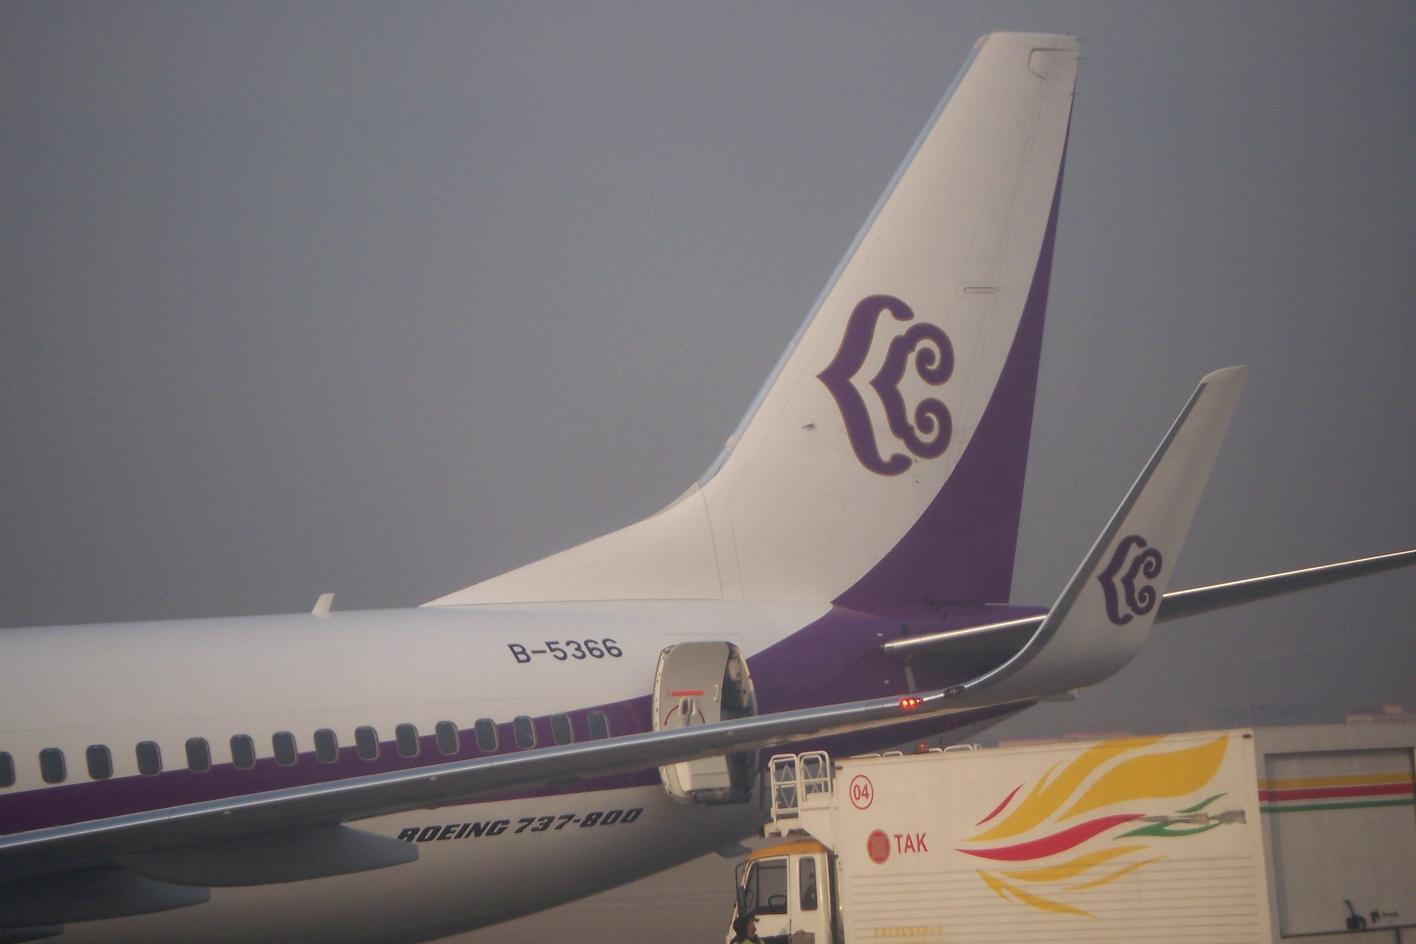 Re:[原创]*****12月16日,天津飞友岁末大聚会集结贴!***** BOEING 737-800 B-5366 TSN